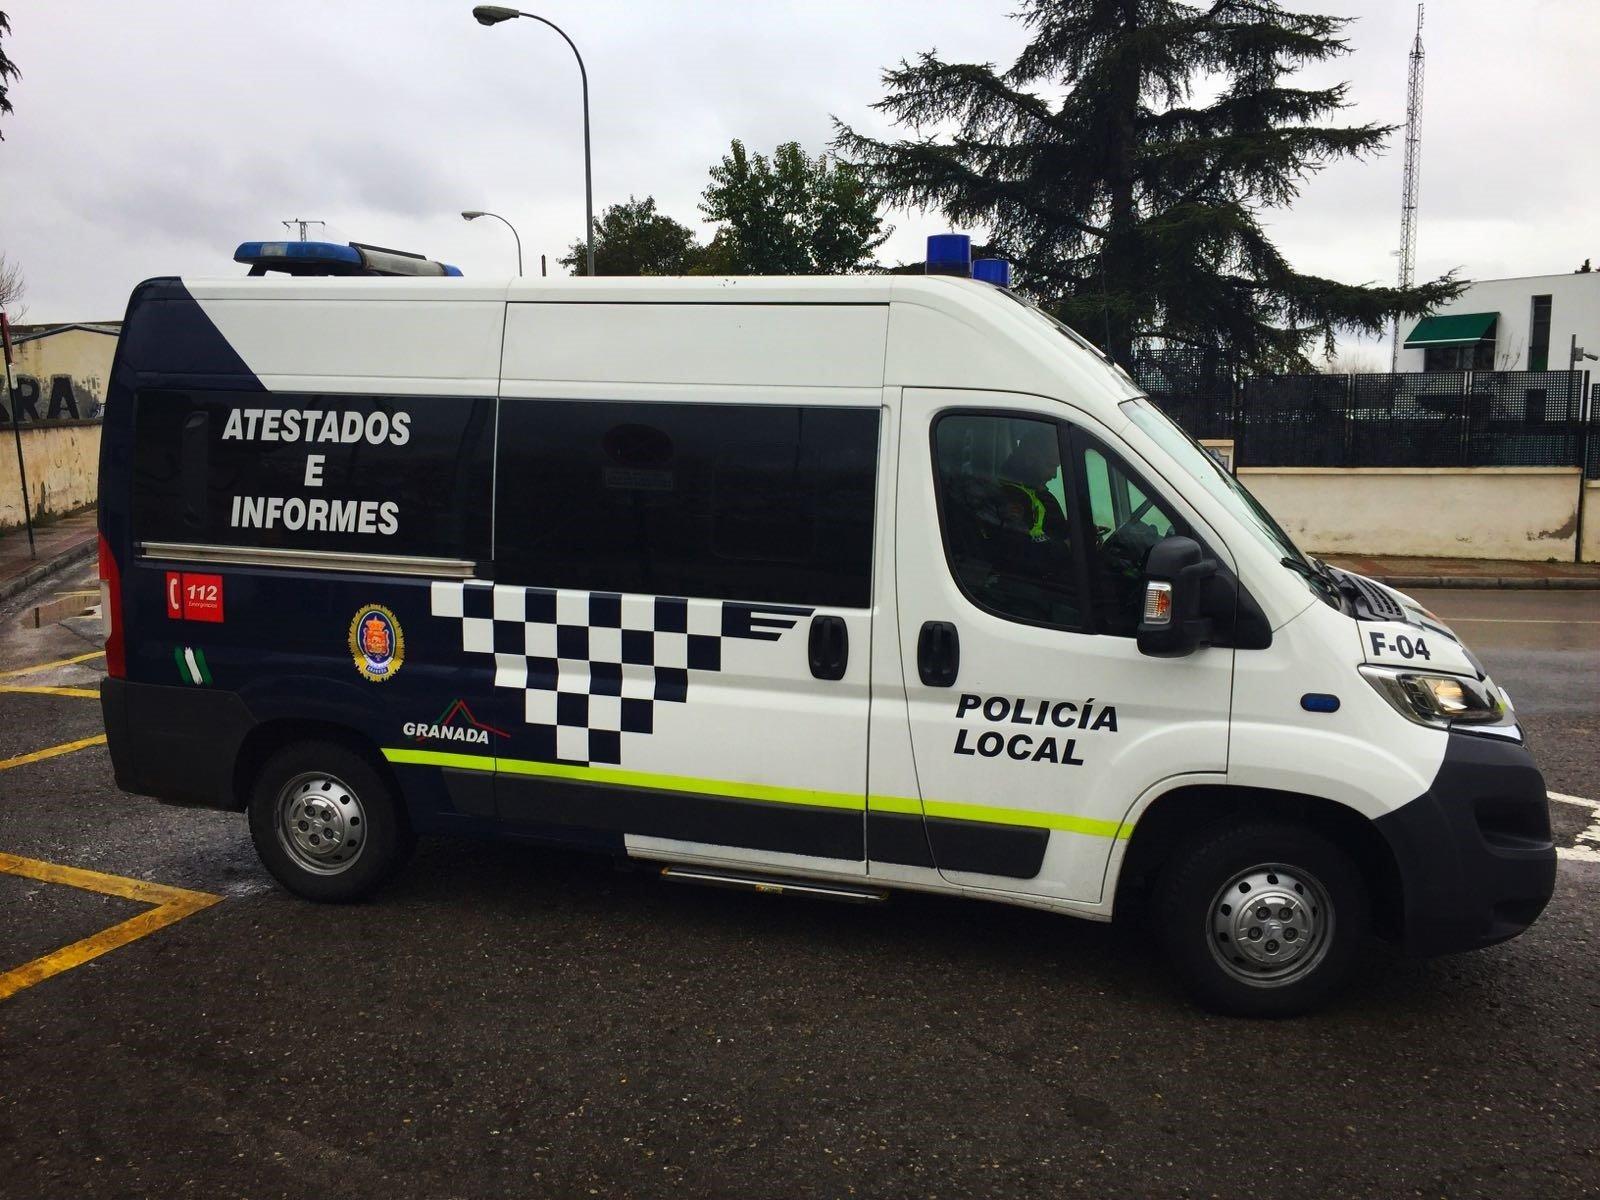 Suspendidas las oposiciones de Policía Local hasta que mejore la situación epidemiológica